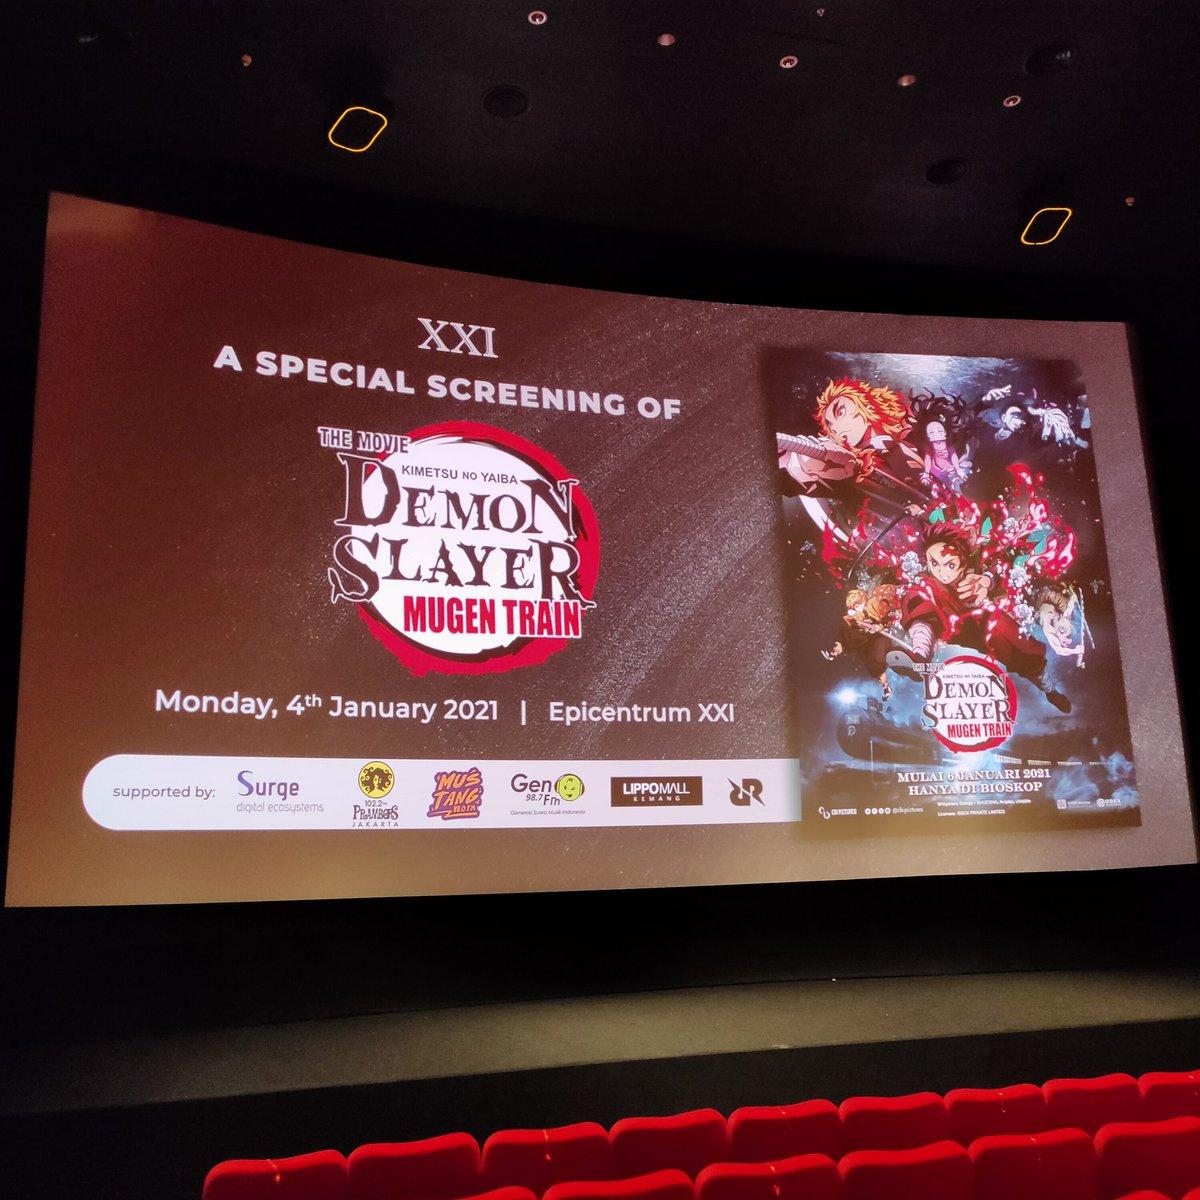 Kami mendapatkan kehormatan untuk menghadiri Special Screening film Demon Slayer Kimetsu No Yaiba The Movie: Mugen Train yang akan tayang reguler di bioskop Indonesia mulai tanggal 6 Januari 2021.  Ayo #NontonAnimeDiXXI   #DemonSlayertheMovieMugenTrain